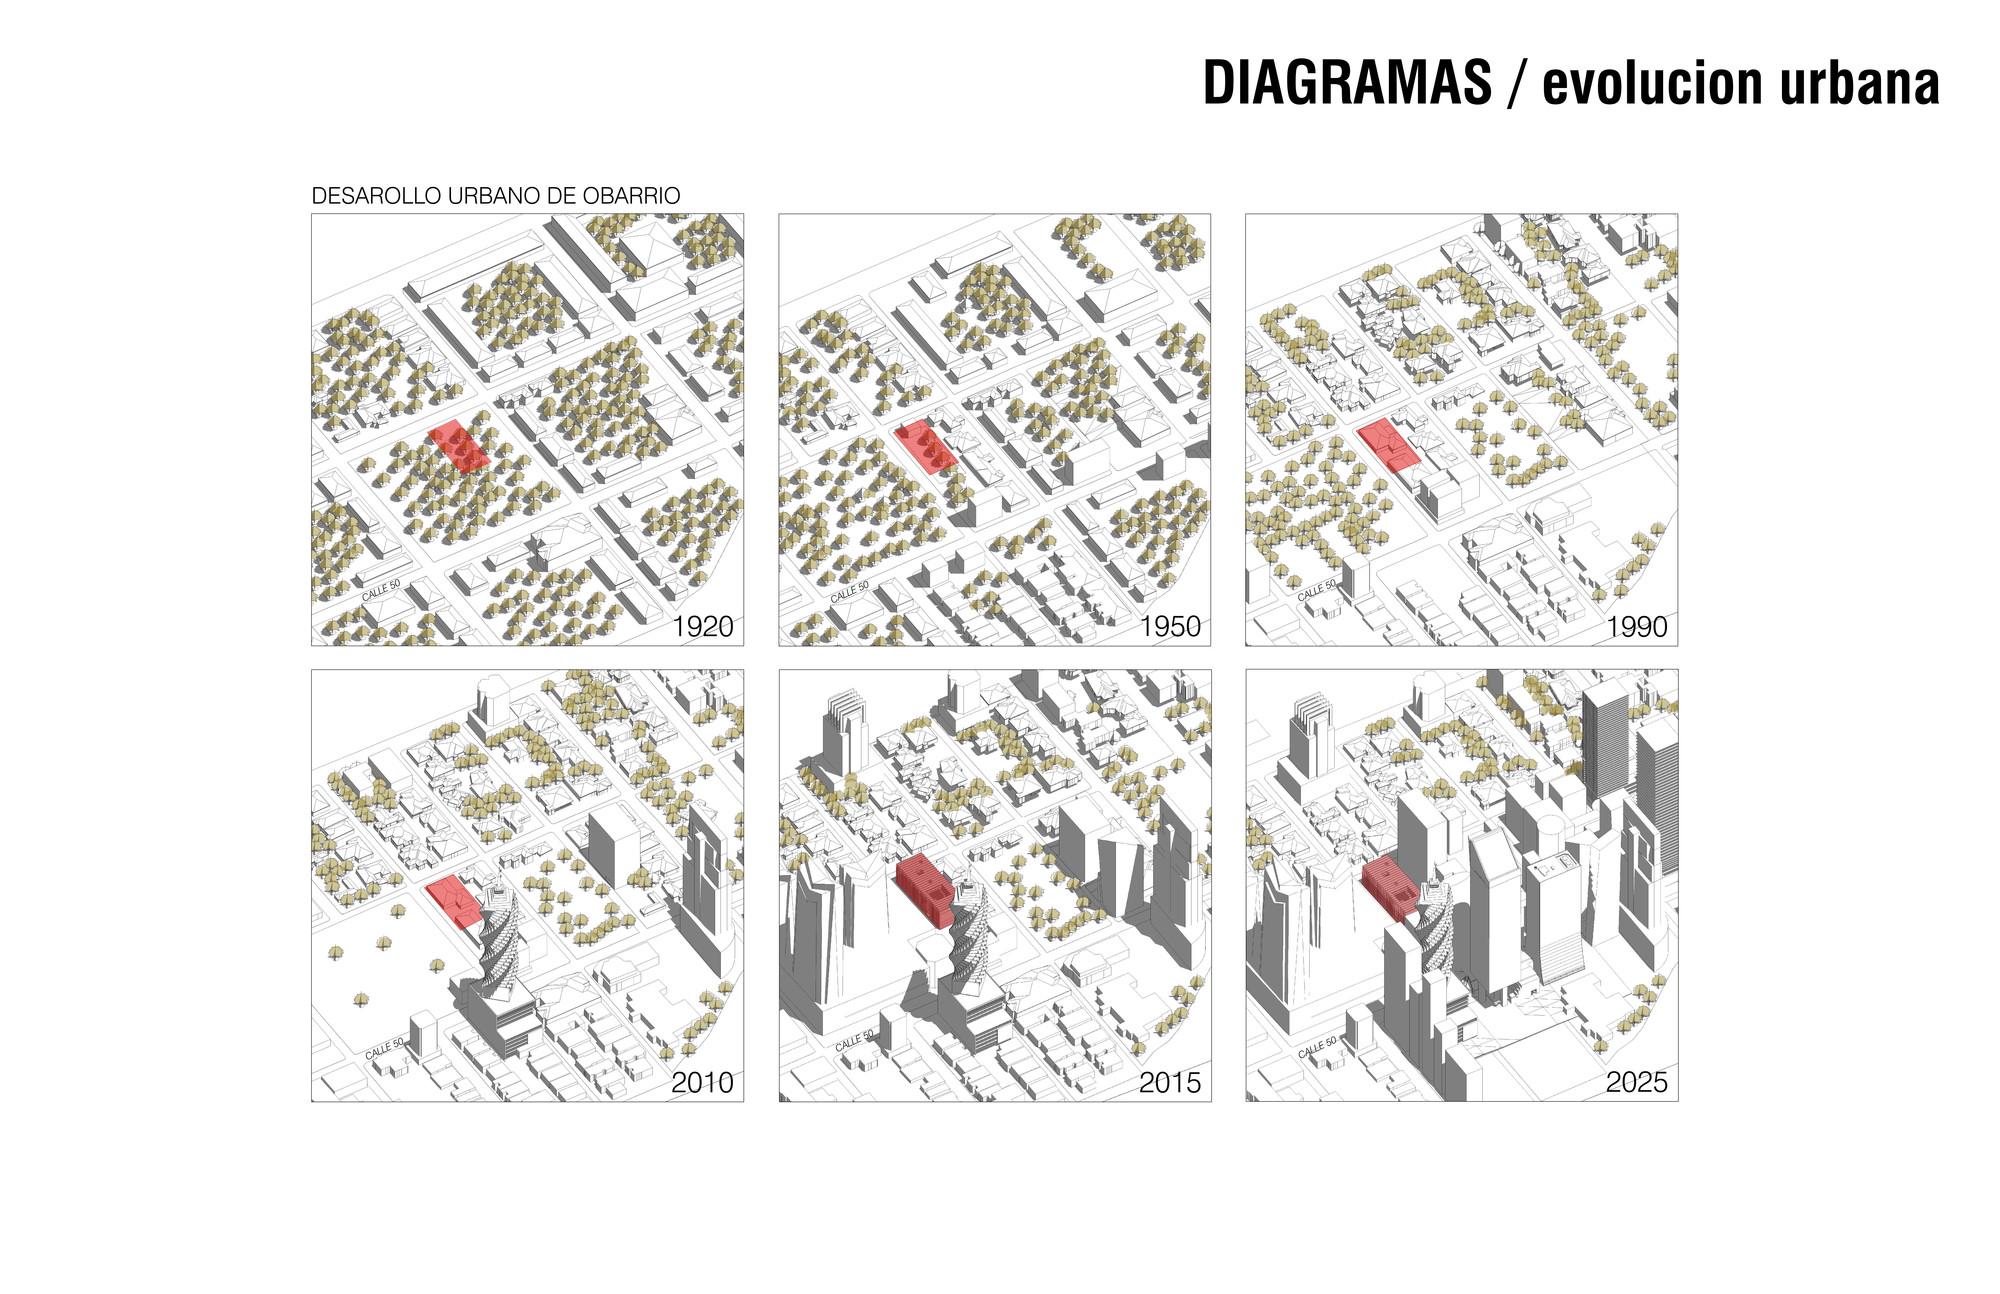 Evolución urbana. Image Cortesia de Mallol & Mallol Arquitectos